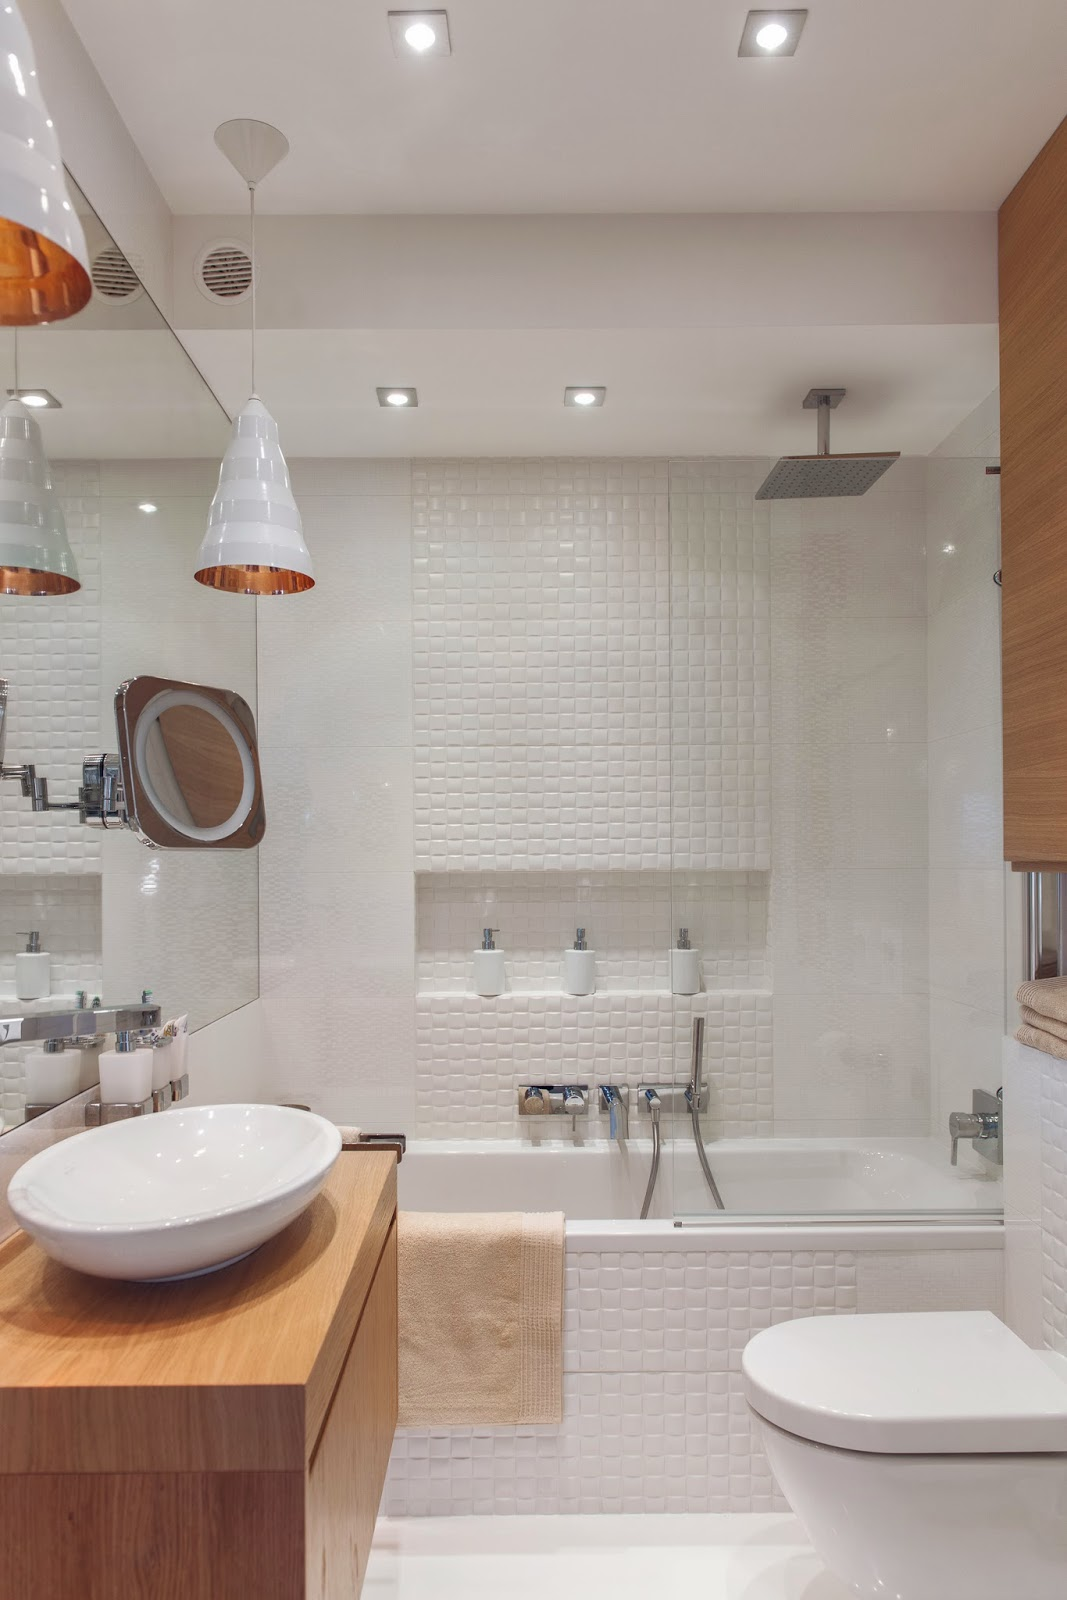 Blog Achados de Decoração : APARTAMENTO CLEAN DECORAÇÃO  #995E32 1067x1600 Banheiro Apartamento Decoração